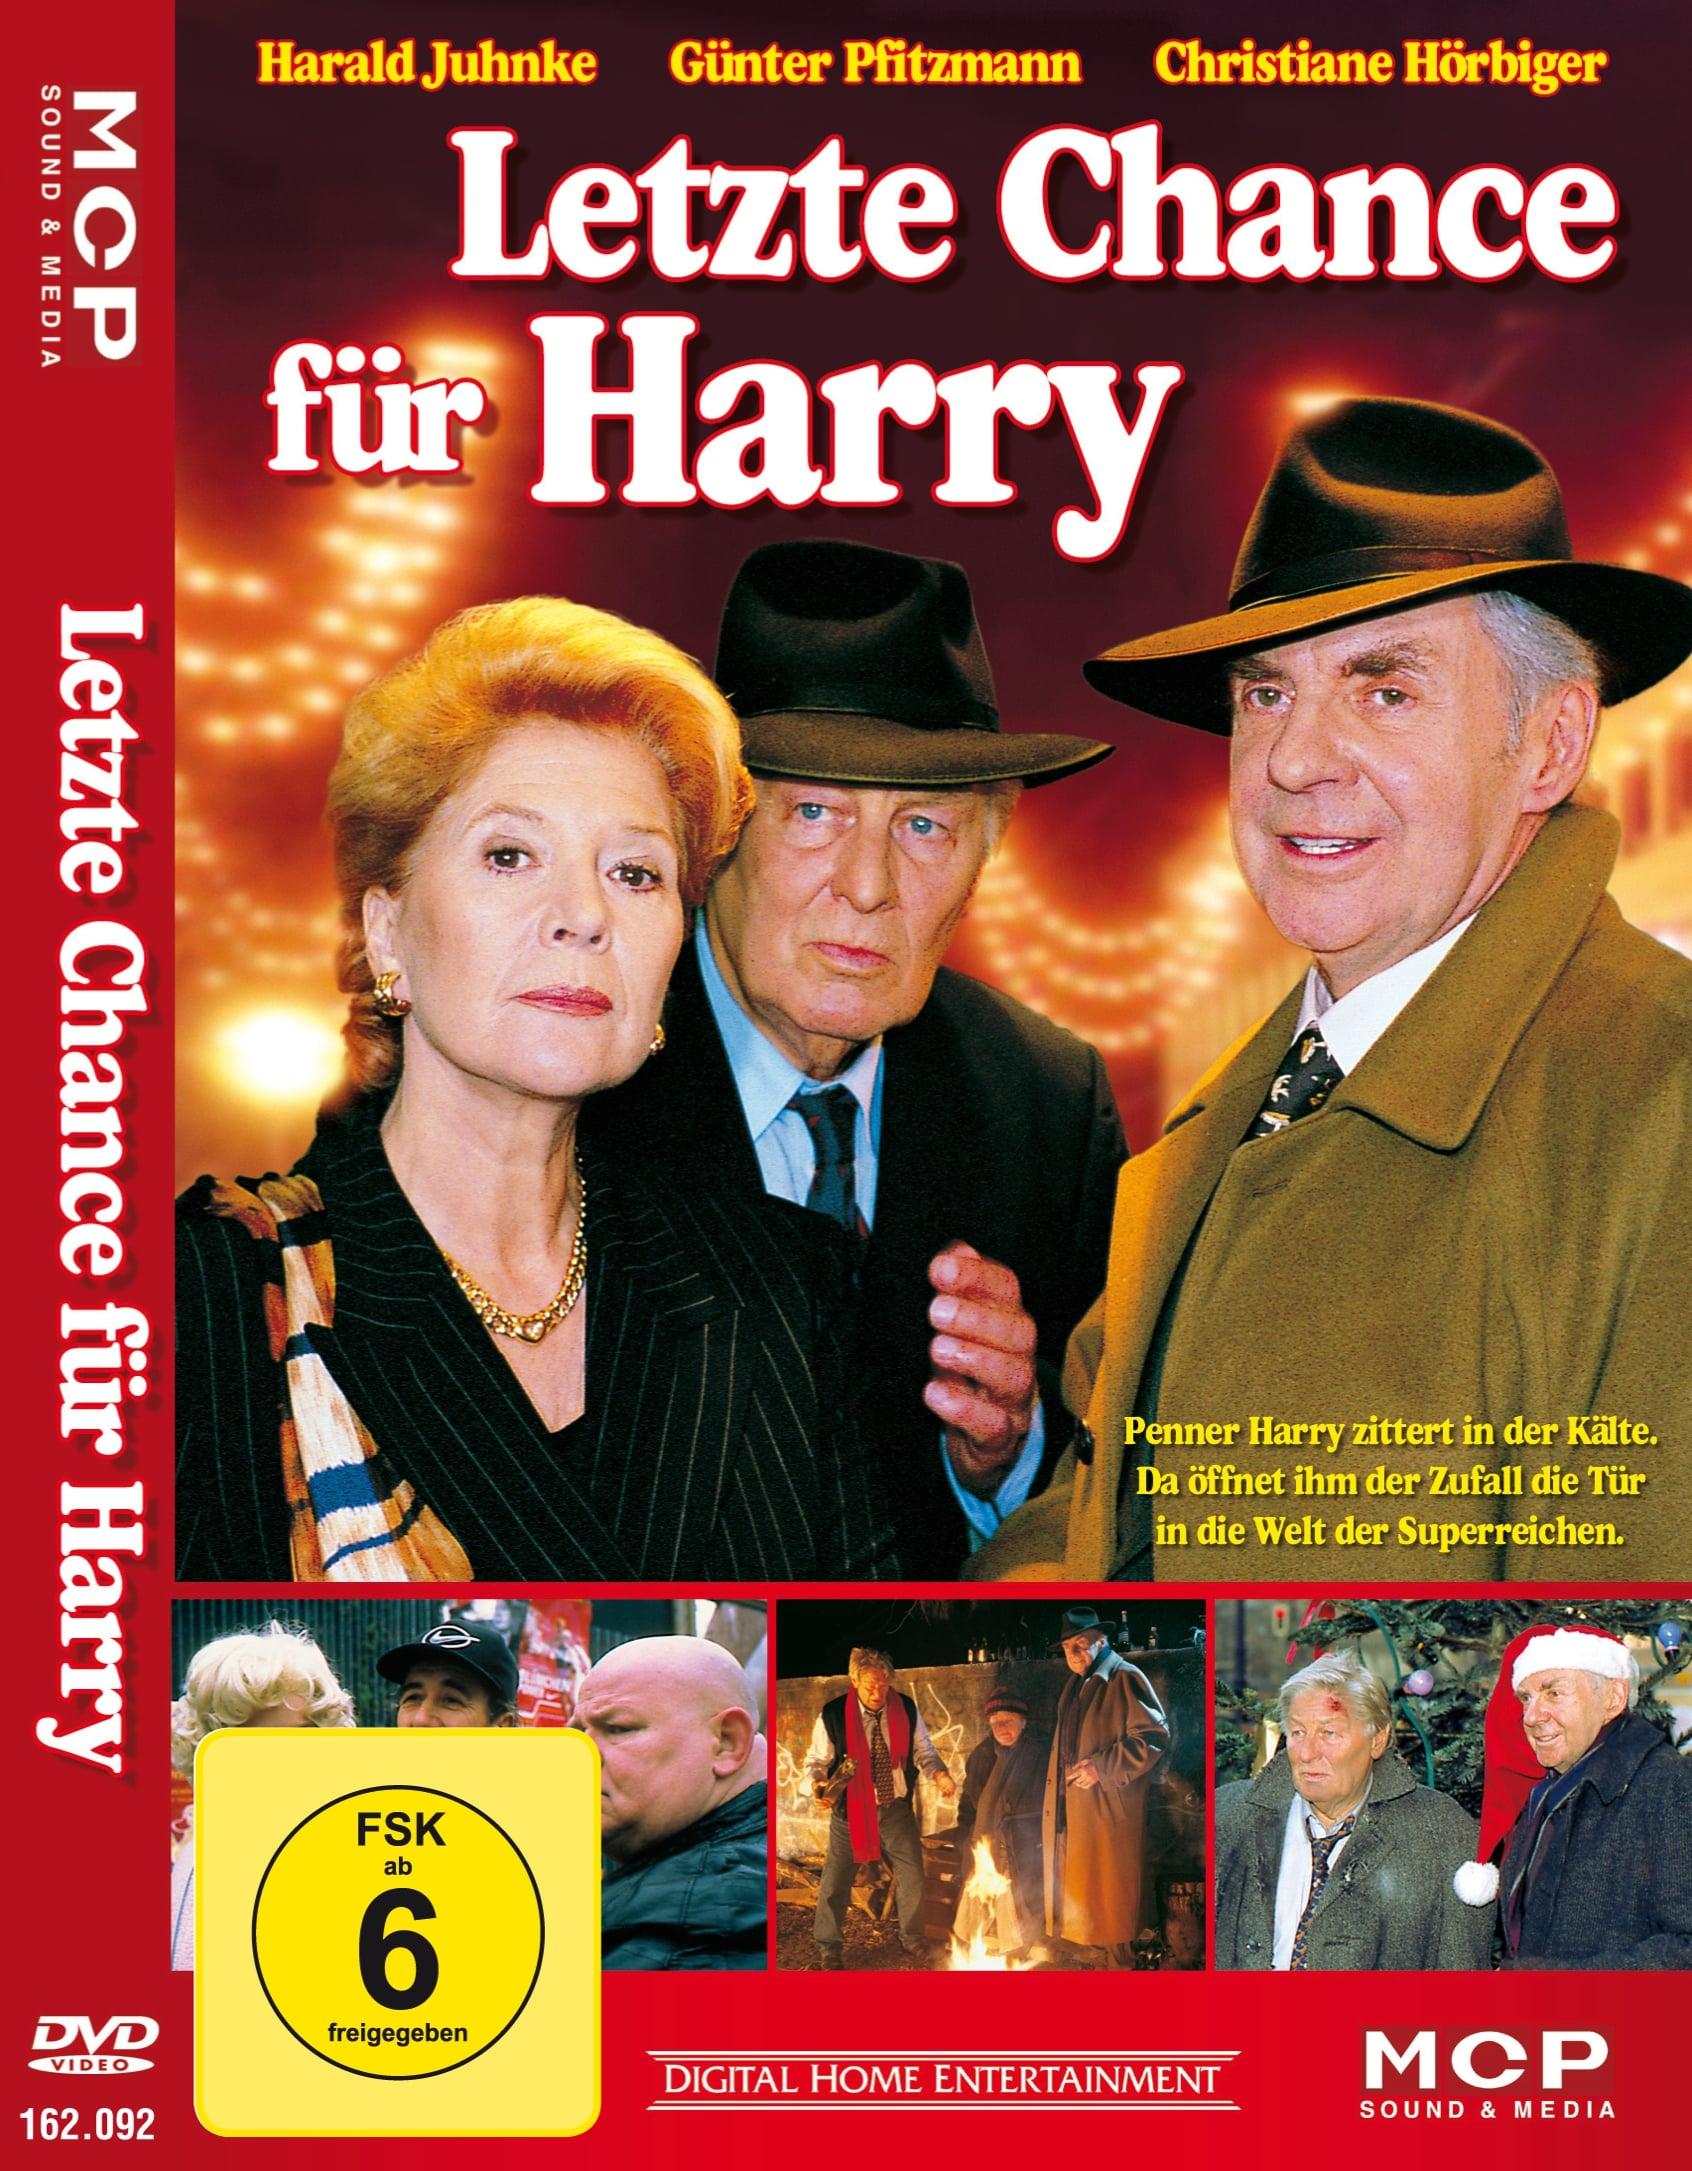 Unterhaltung - Letzte Chance fuer Harry